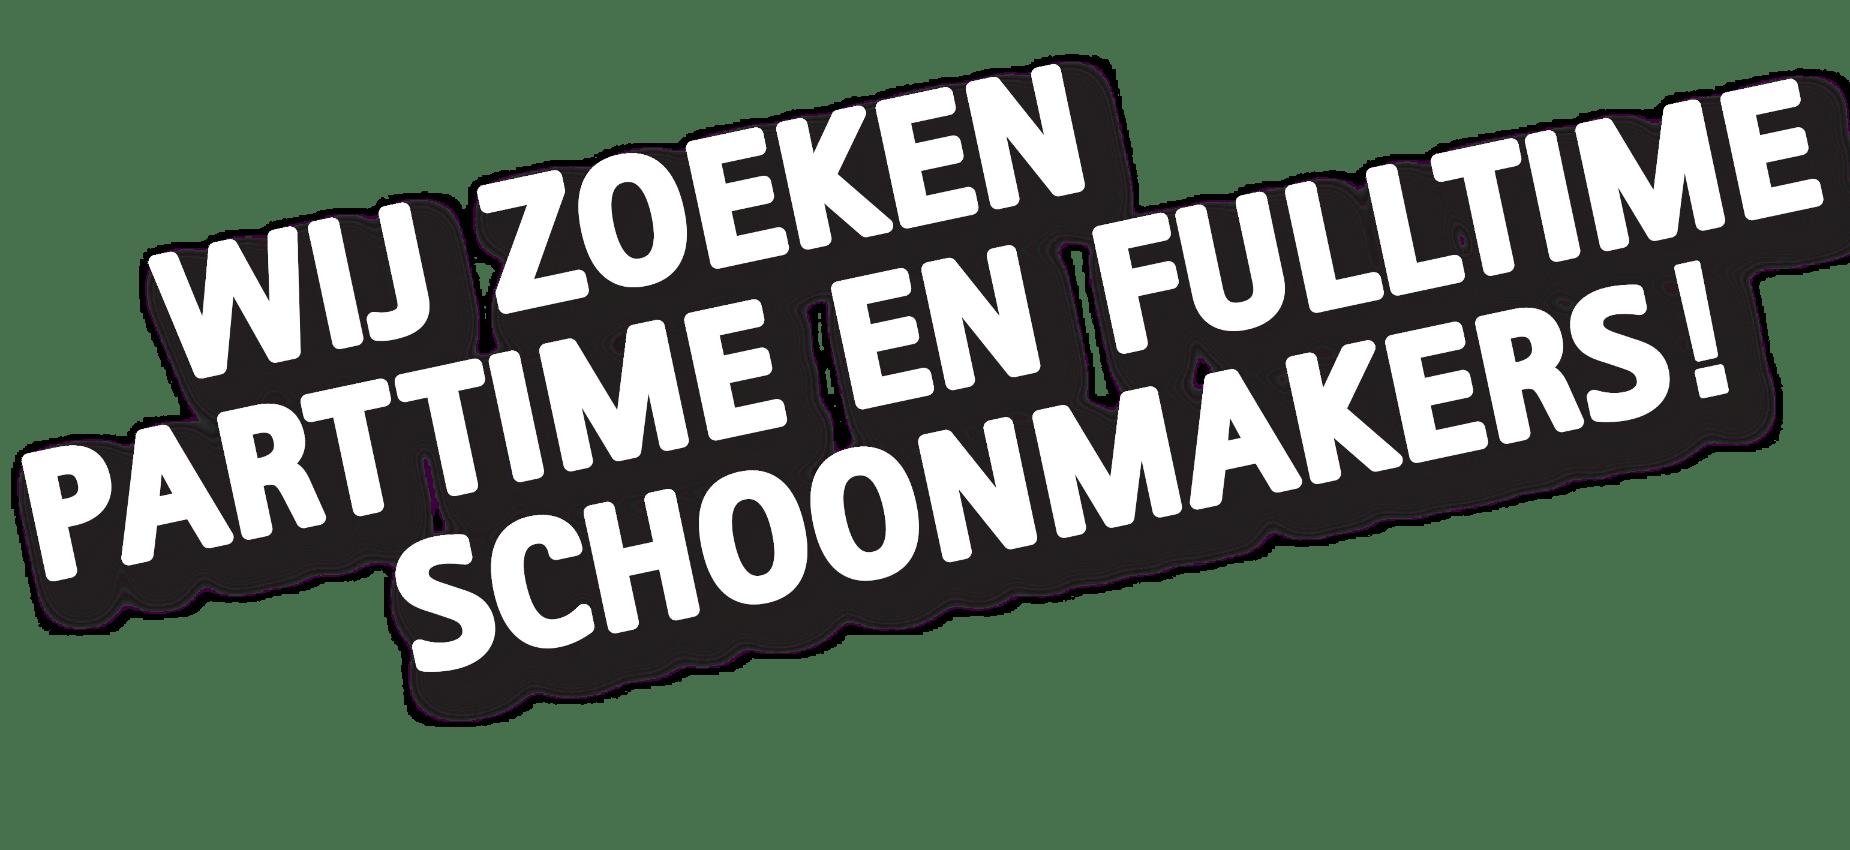 Parttime en fulltime schoonmakers